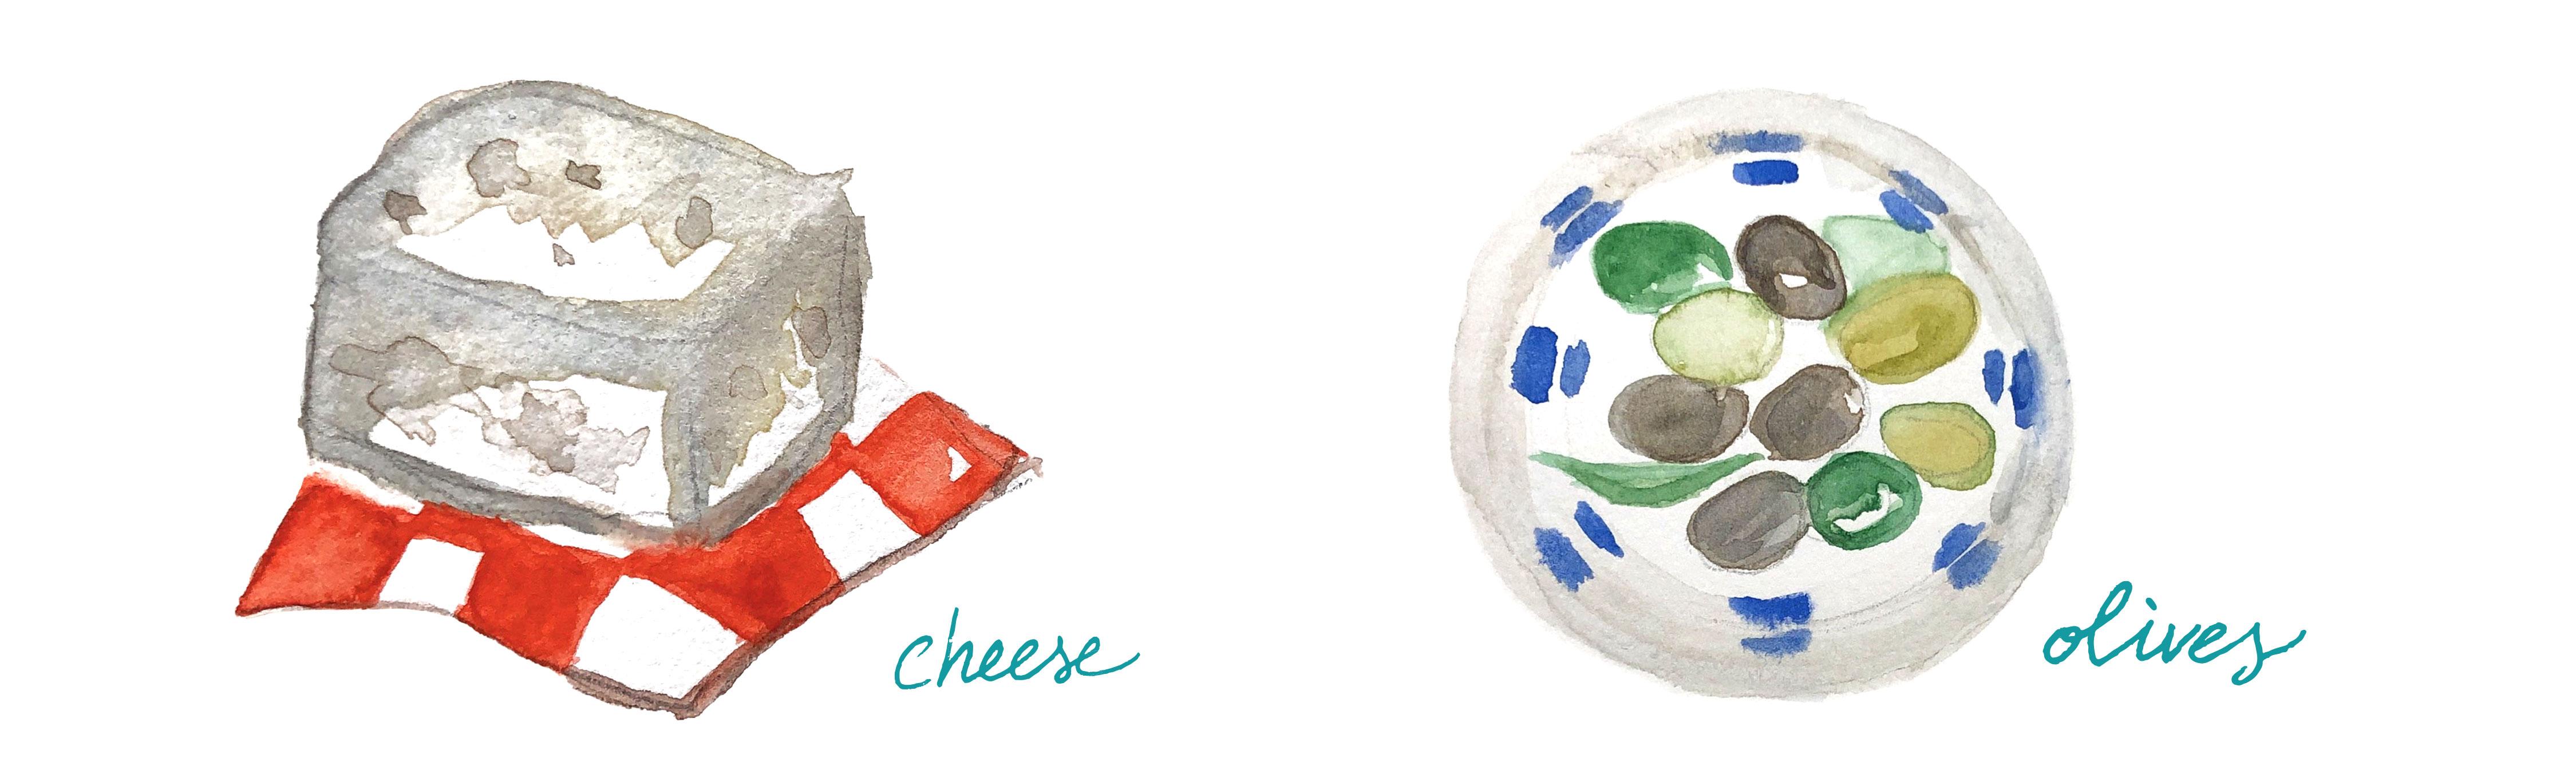 Mediterranean food illustrations